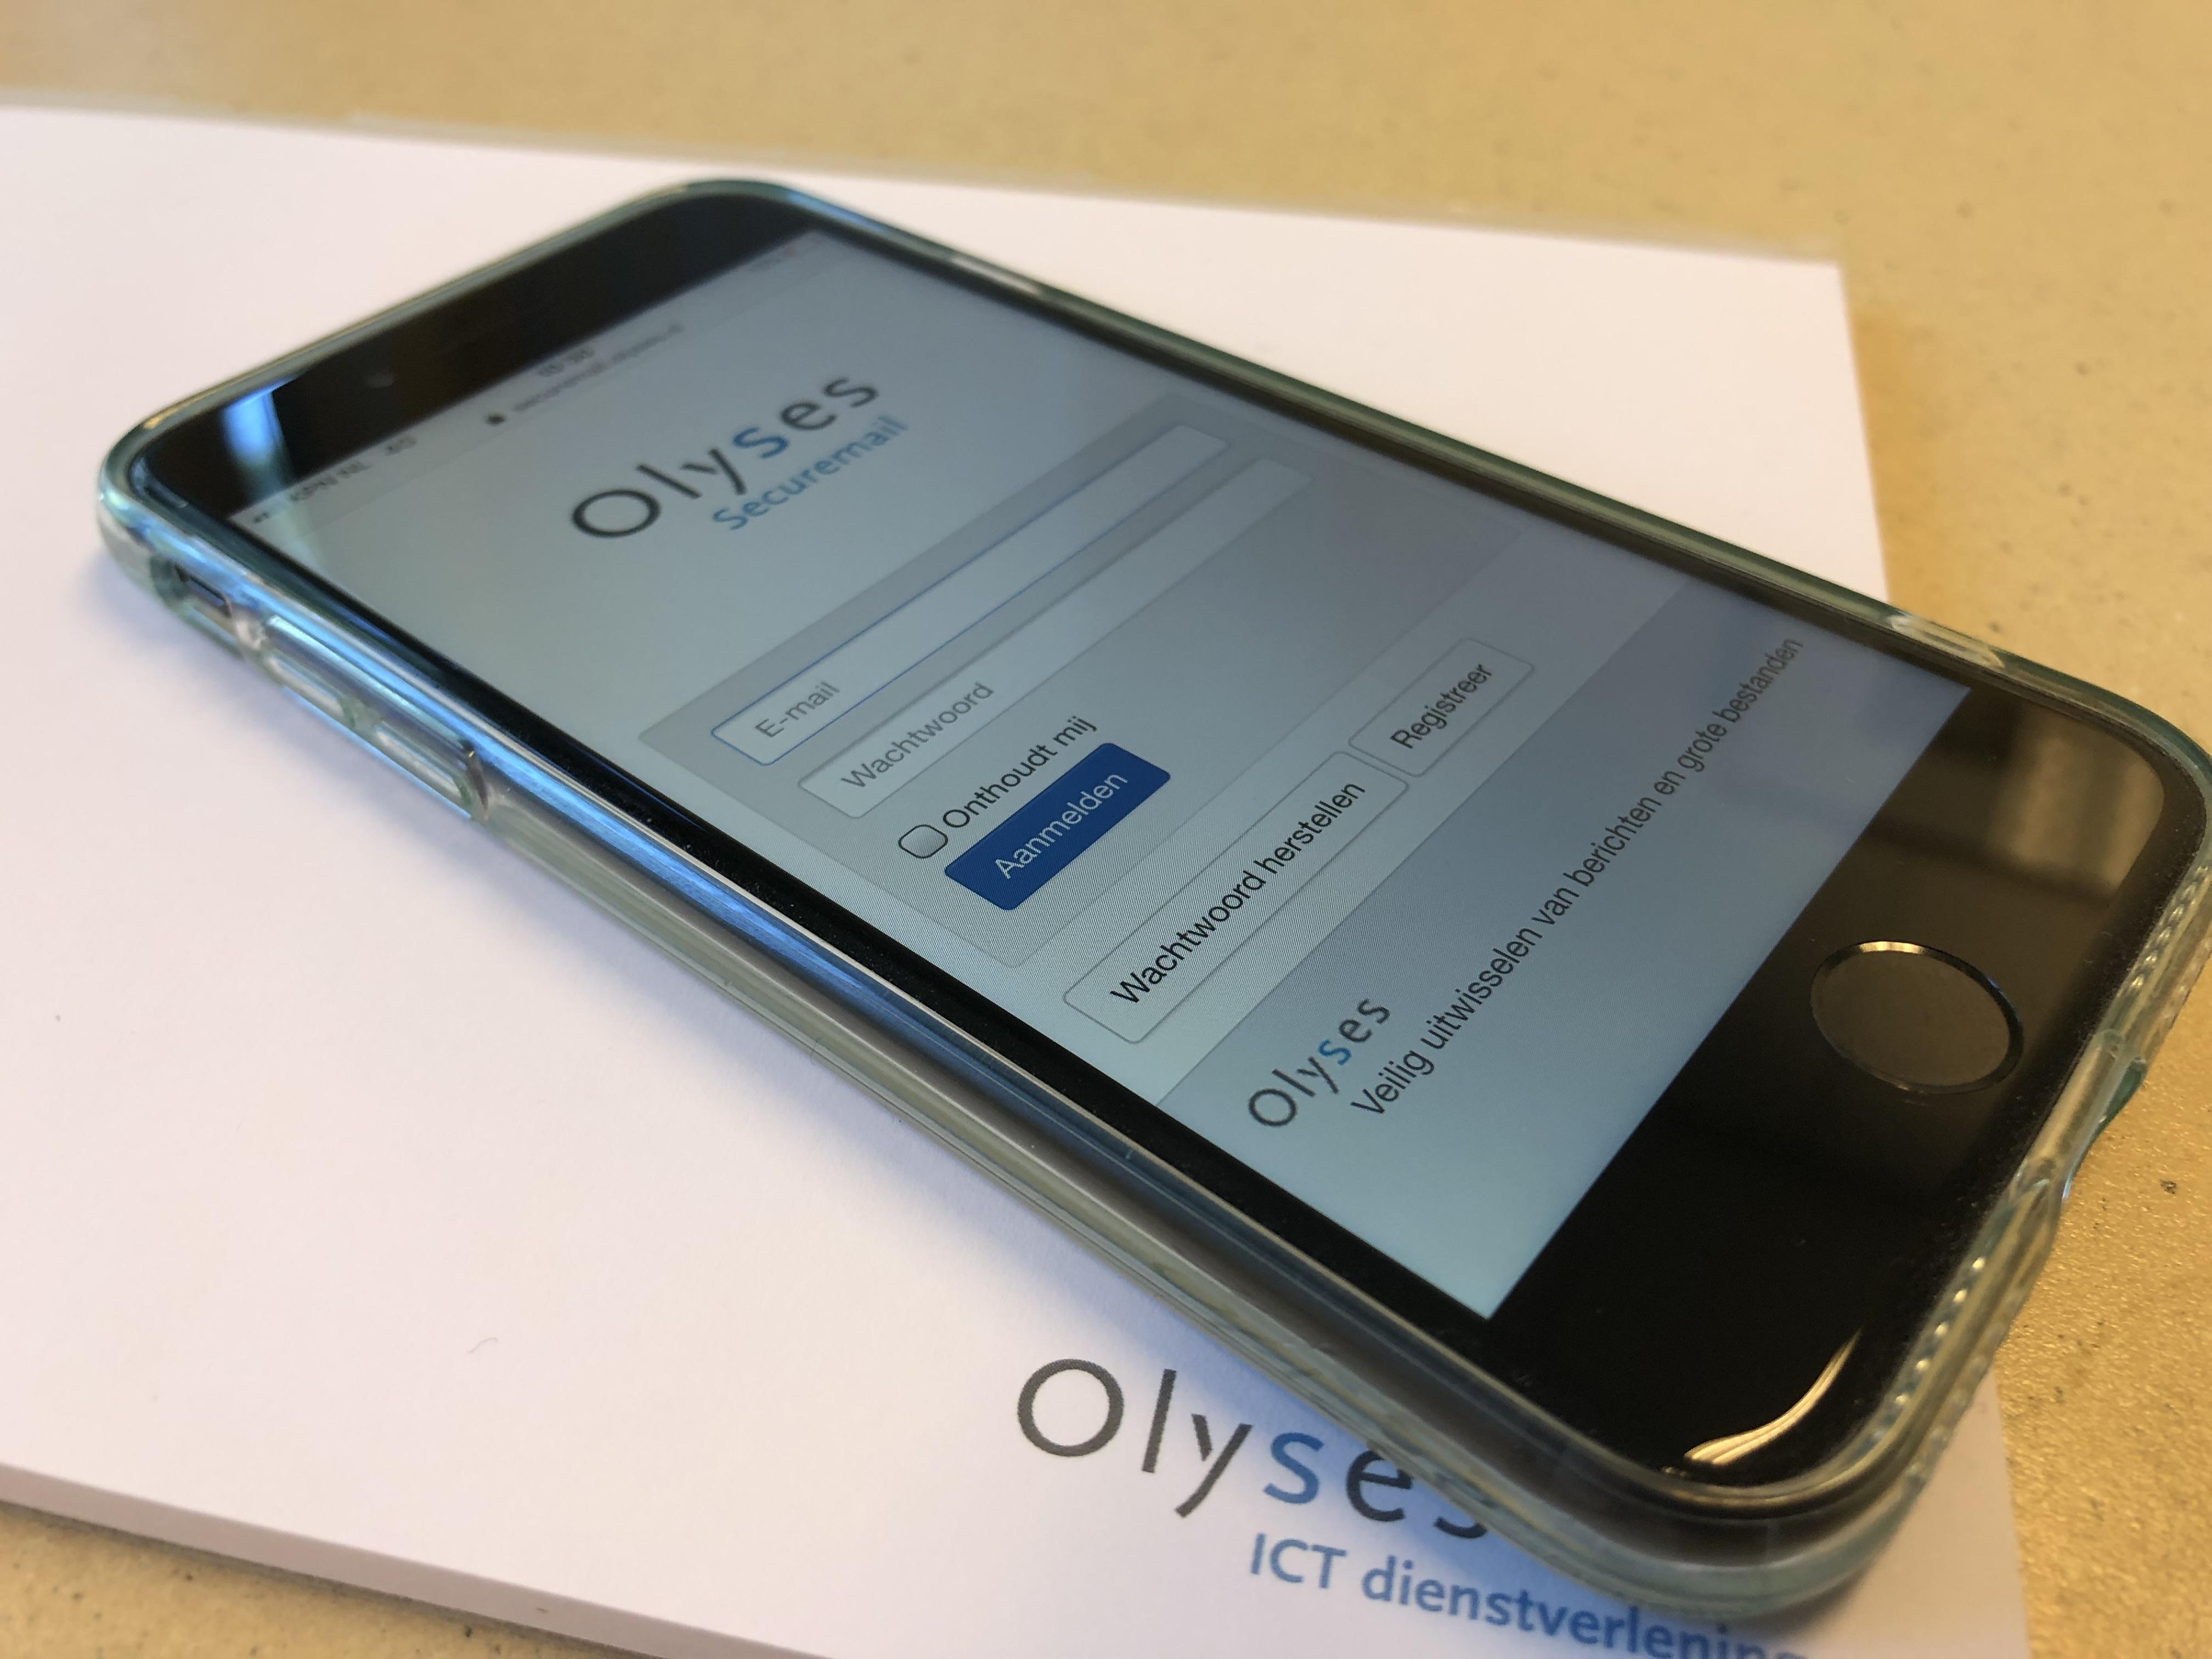 100% veilig e-mailen met Olyses SecureMail